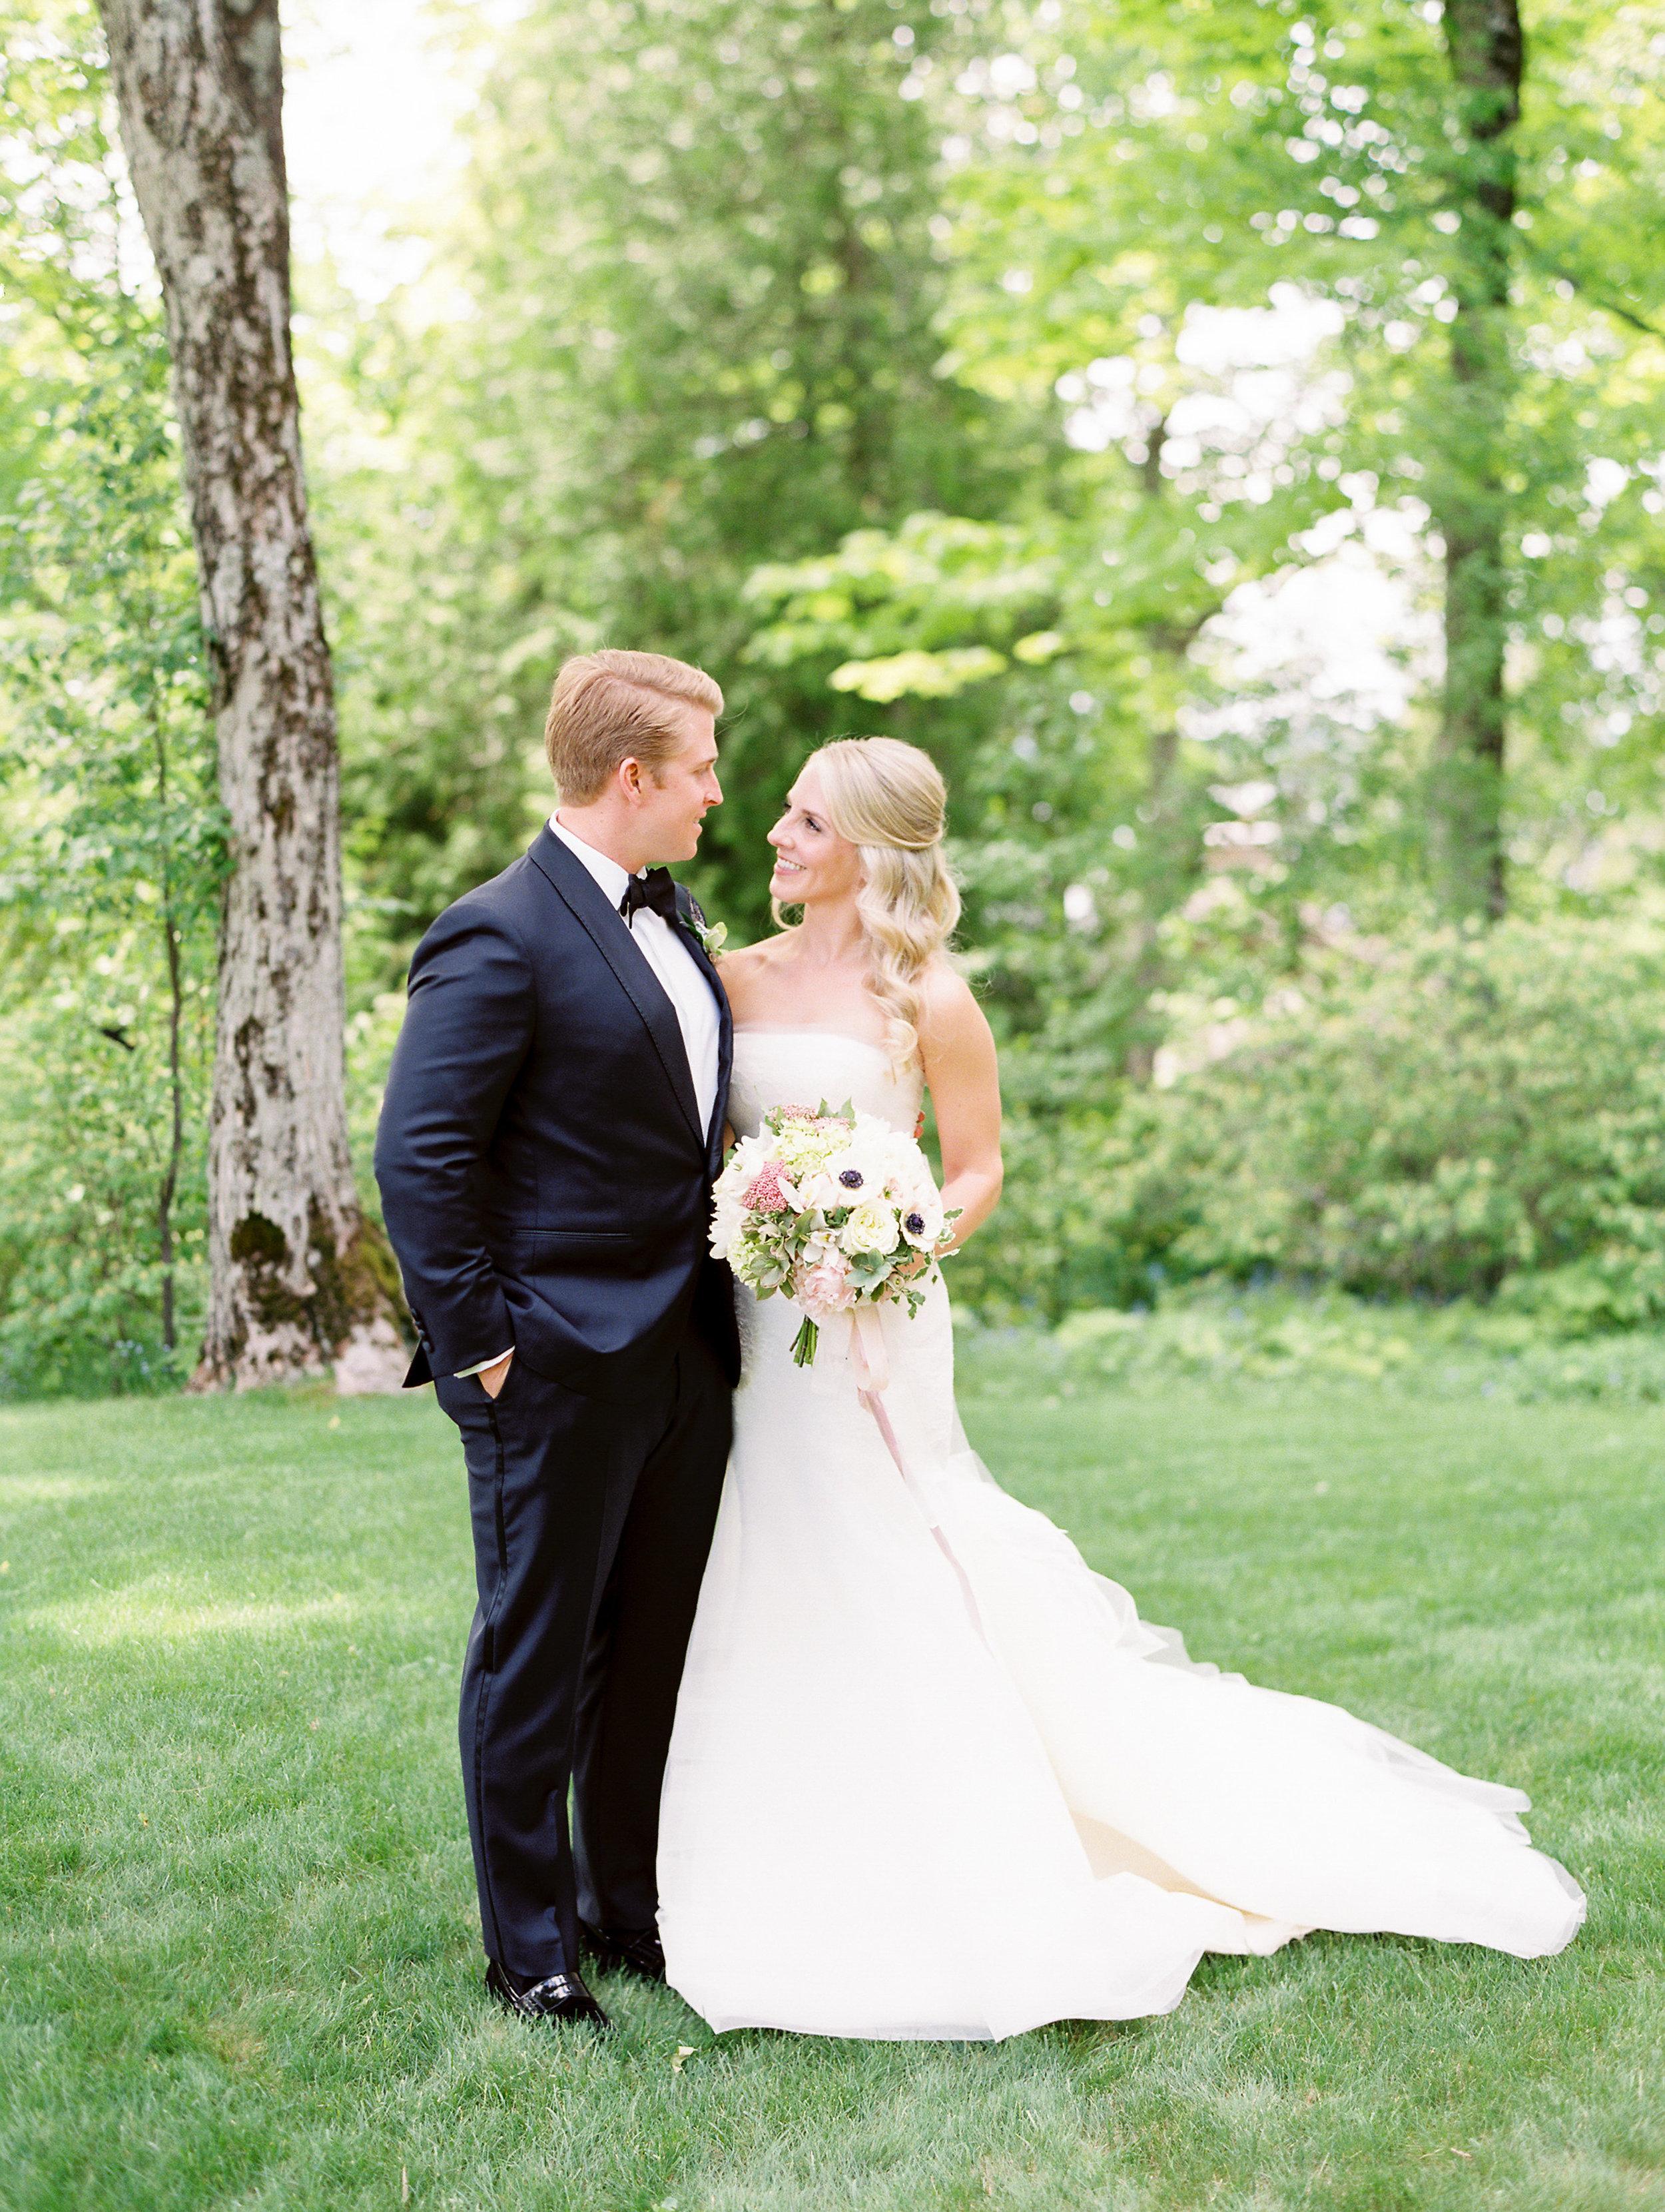 Coffman+Wedding+BrideGrooma-21.jpg